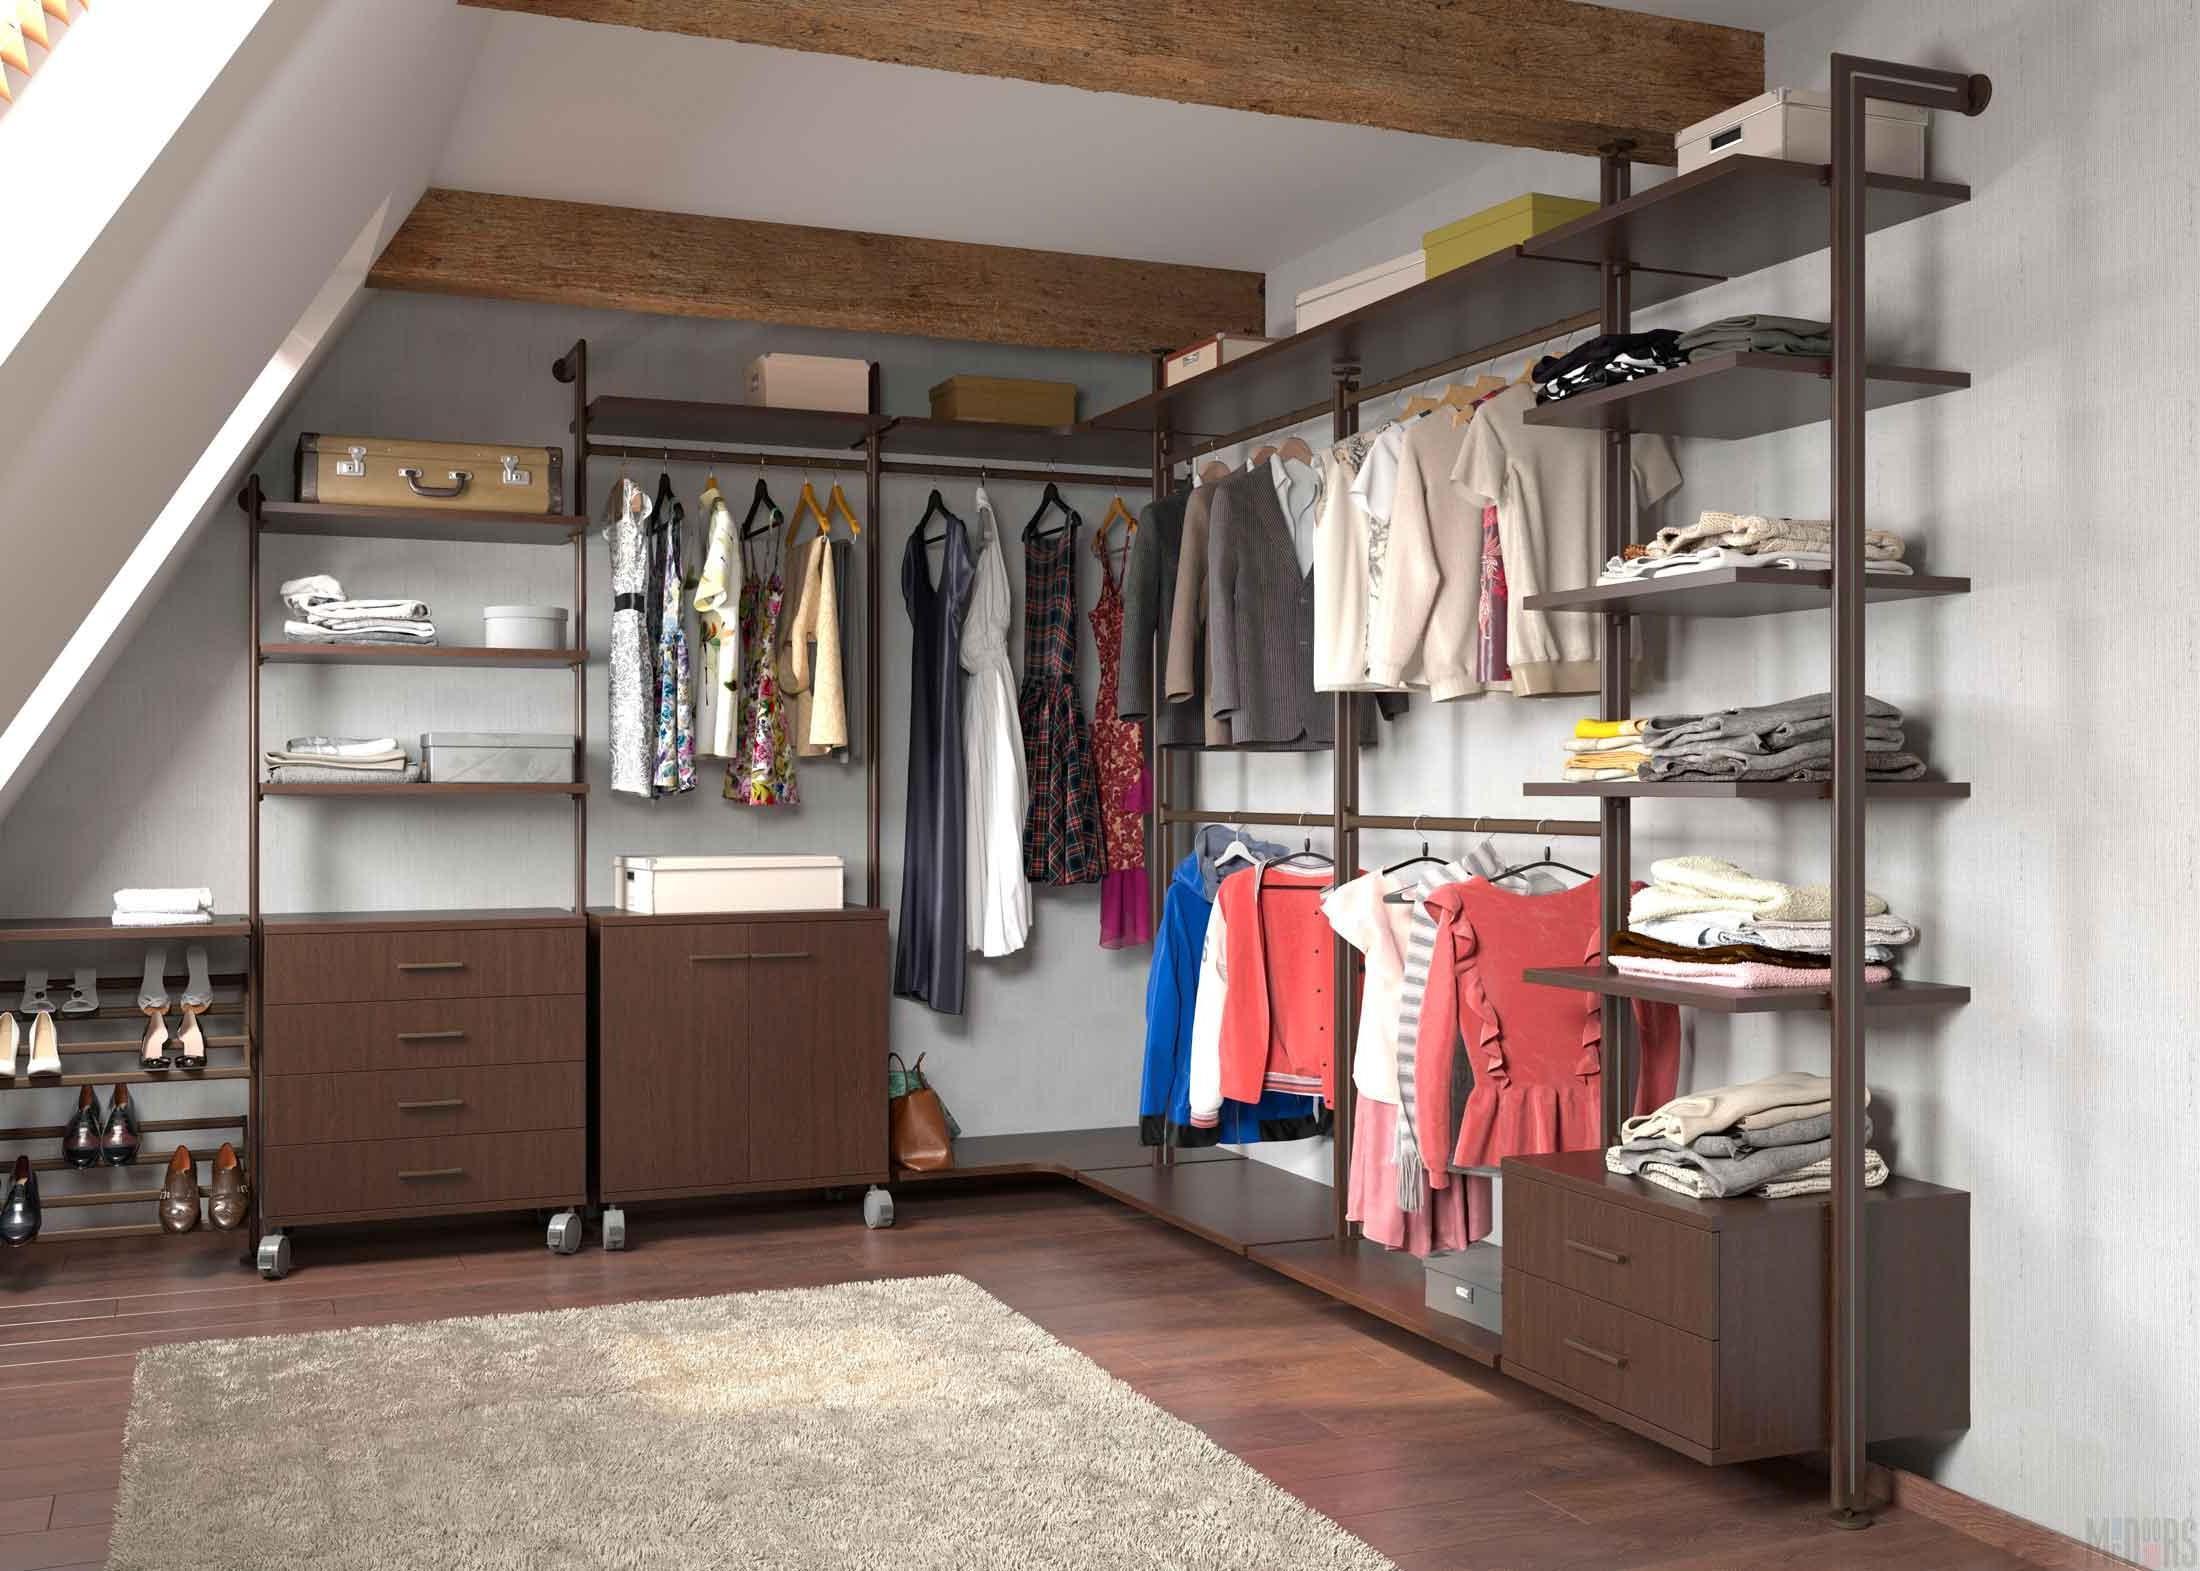 Interior design of the wardrobe room in the attic